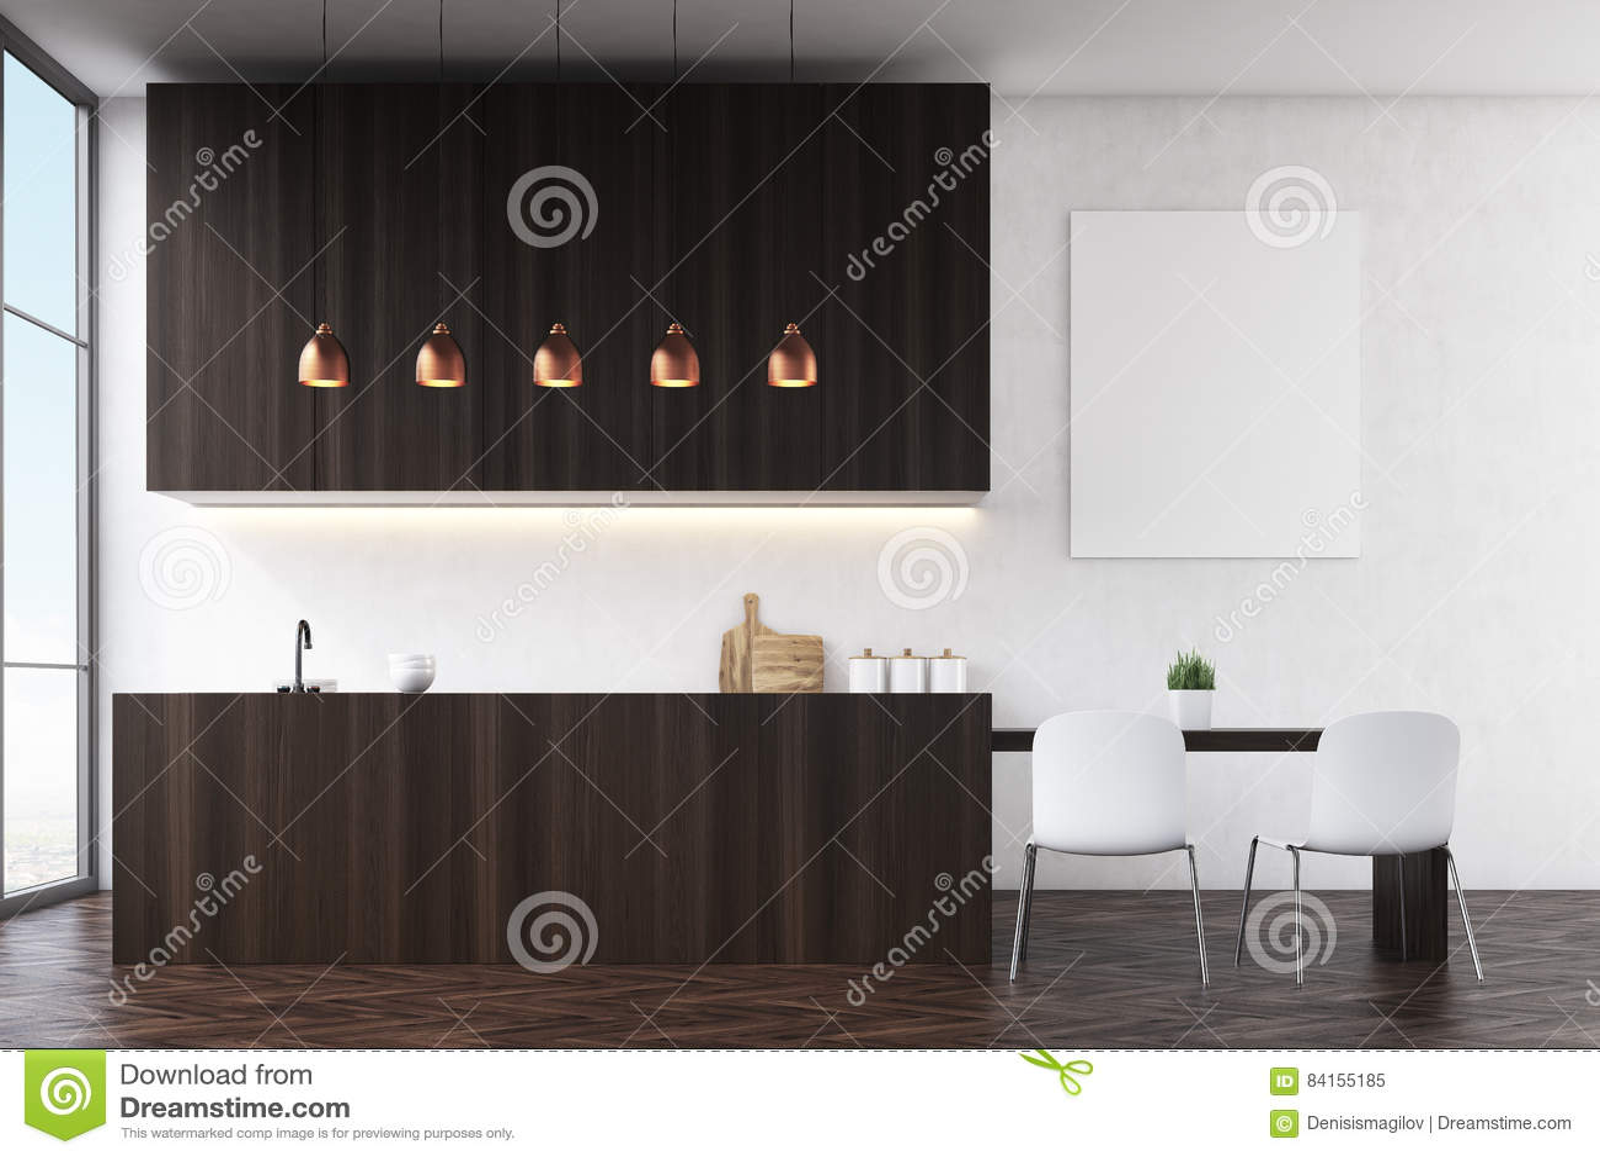 Zijaanzicht van een keuken met zwarte muren donker houten meubilair en witte stoelen dichtbij - Meubilair outdoor houten keuken ...